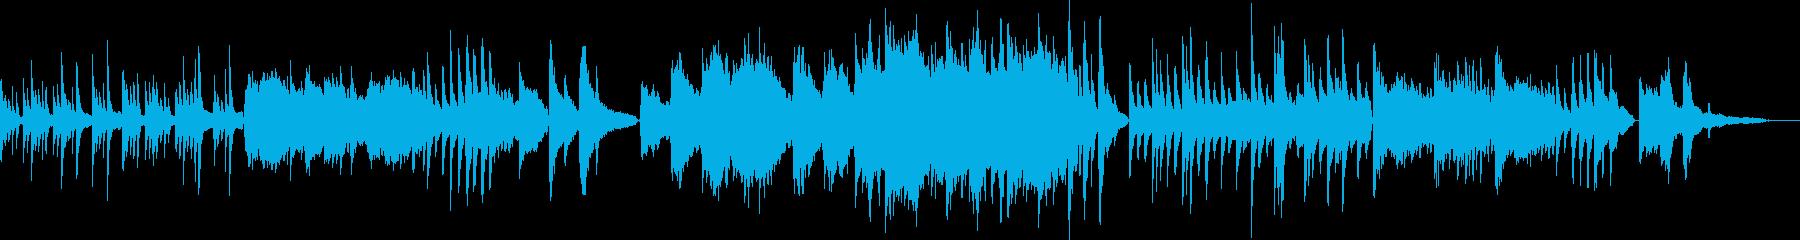 リラックス/オリエンタルな弦楽のバラードの再生済みの波形